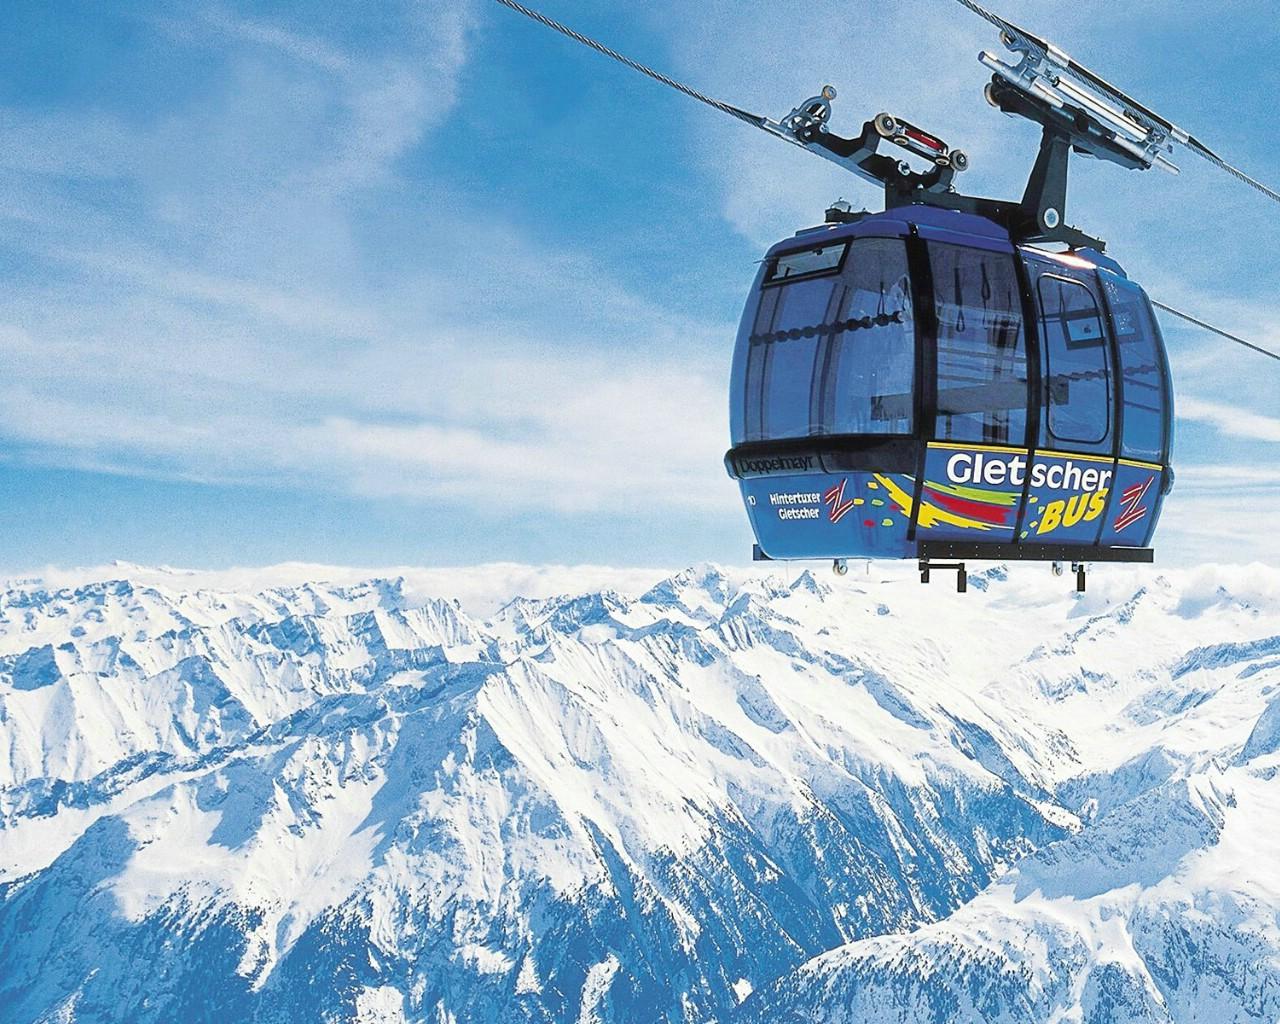 壁纸1280×1024滑雪圣地 阿尔卑斯山度假壁纸 高山缆车图片壁纸壁纸 滑雪圣地阿尔卑斯山度假壁纸壁纸图片人文壁纸人文图片素材桌面壁纸